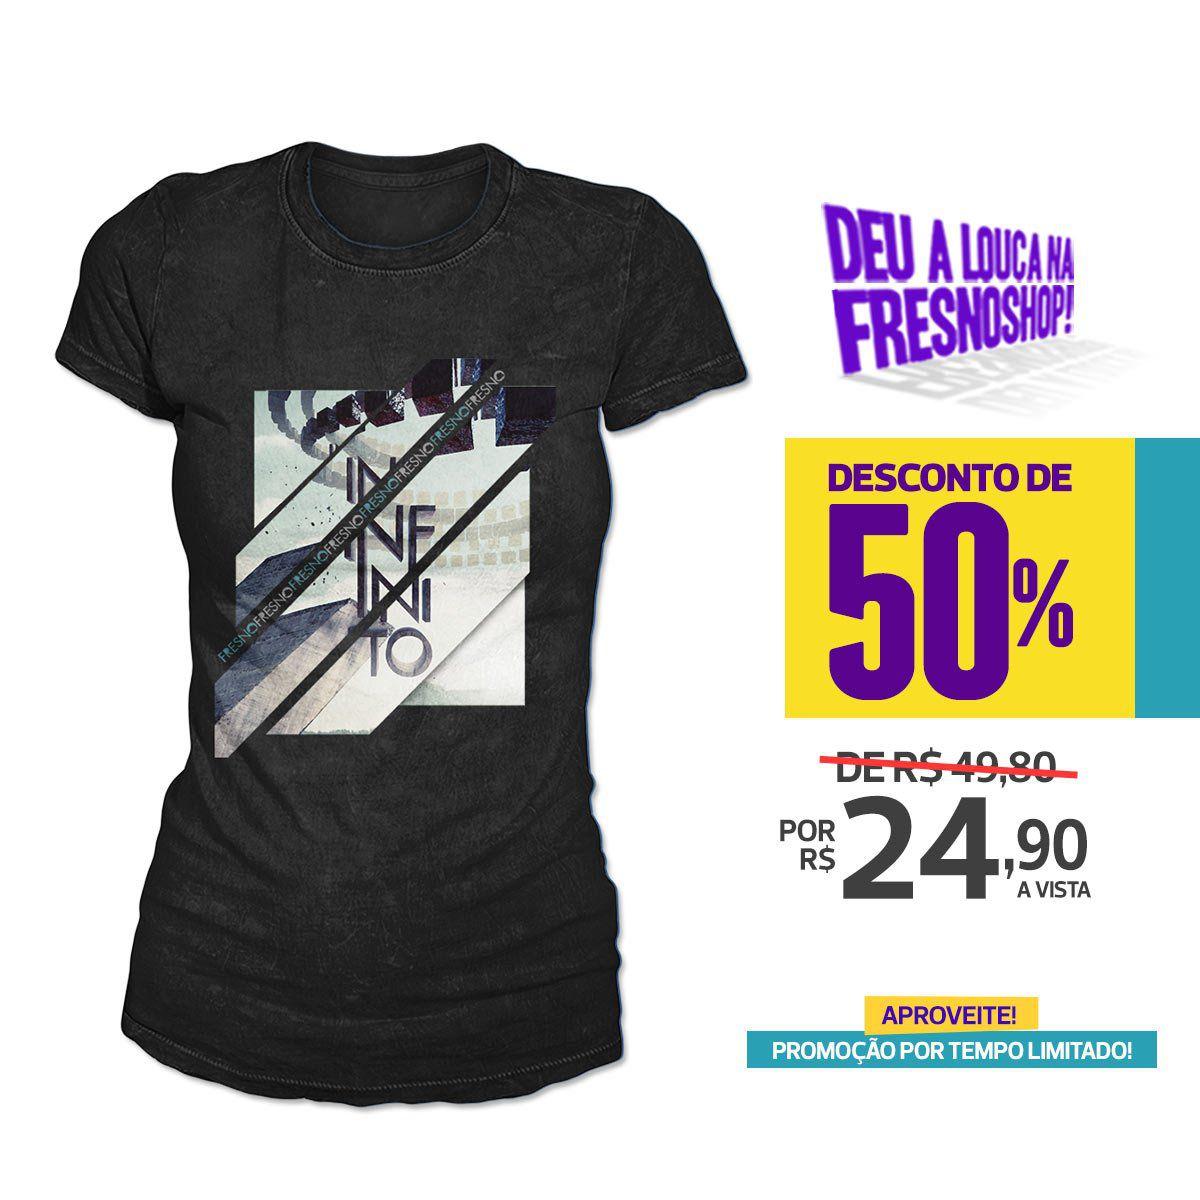 SUPER PROMOÇÃO Fresno - Camiseta Feminina Infinito PRETA